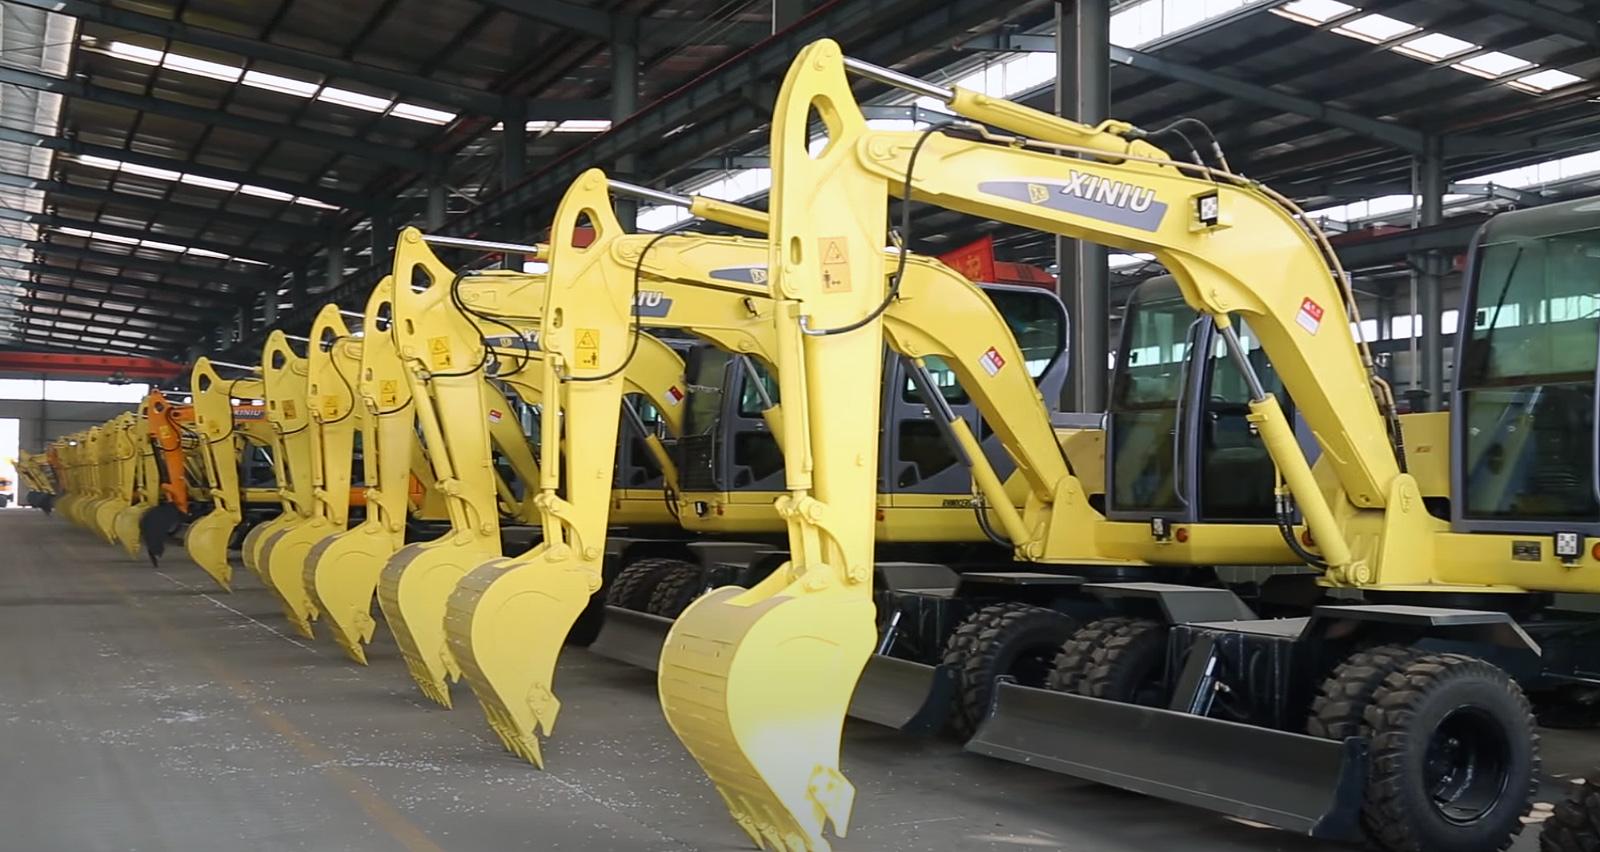 жёлтые колёсные экскаваторы